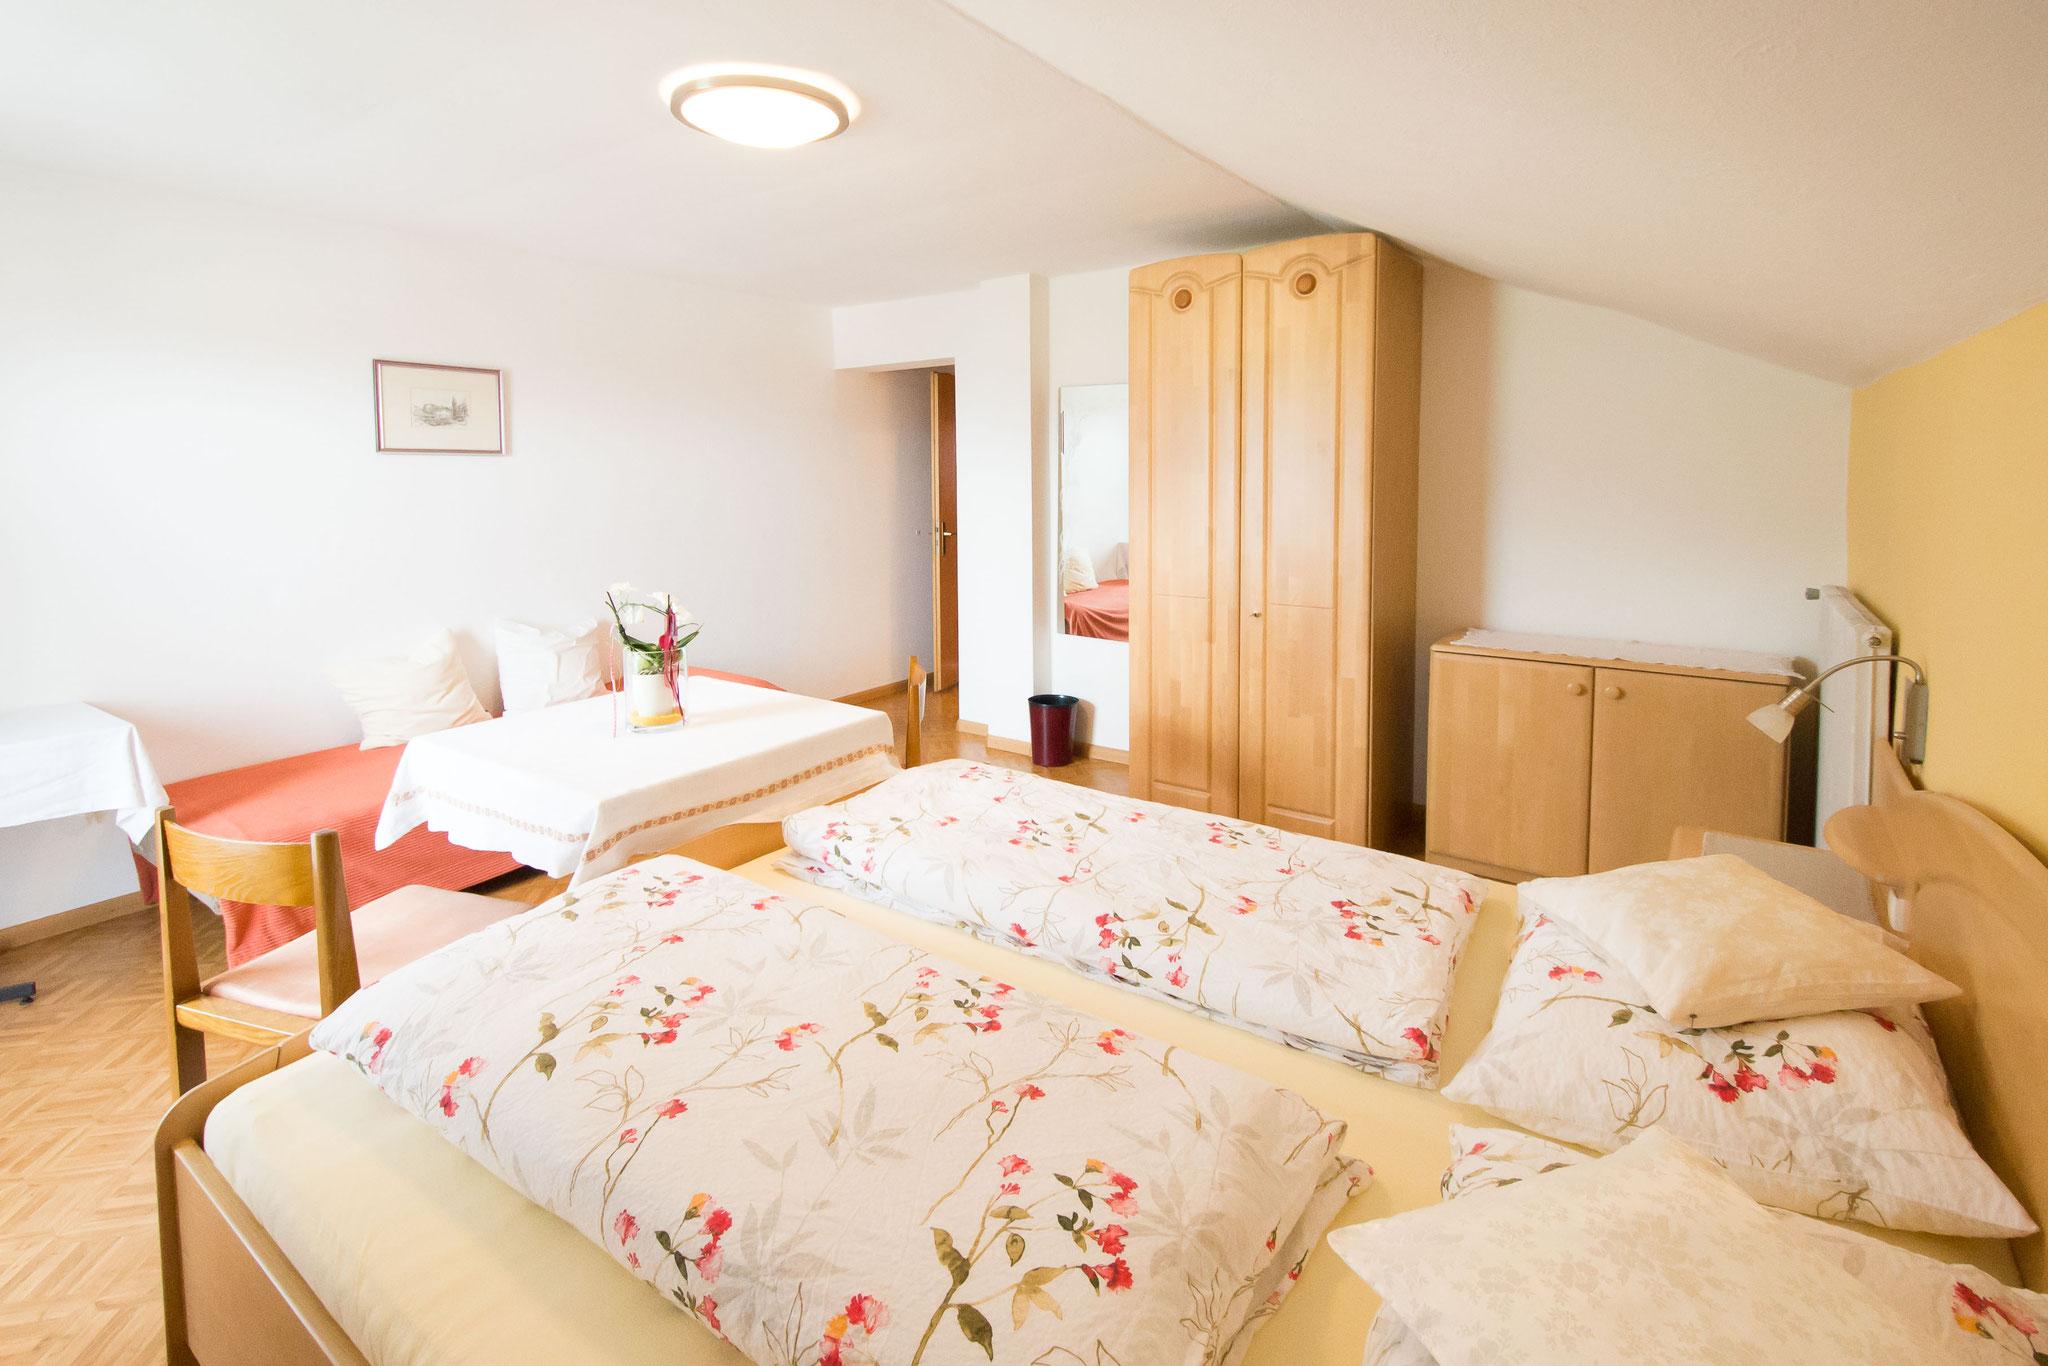 Das Bett, der Wandspiegel und die Kleiderschränke